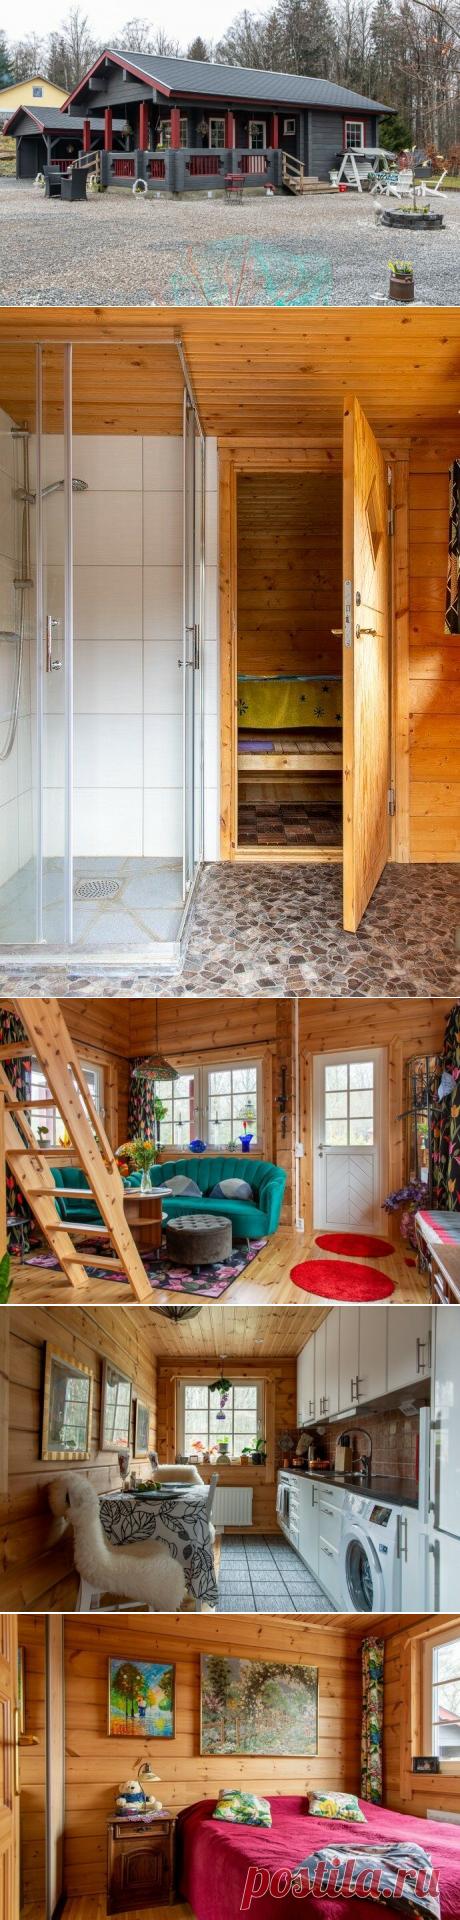 Дом-дача из бруса с антресольным этажом (36 м2) в Швеции! Вместилось все: кухня, санузел, 2 спальни, гостиная и терраса   АРТбук Ульяновой   Яндекс Дзен